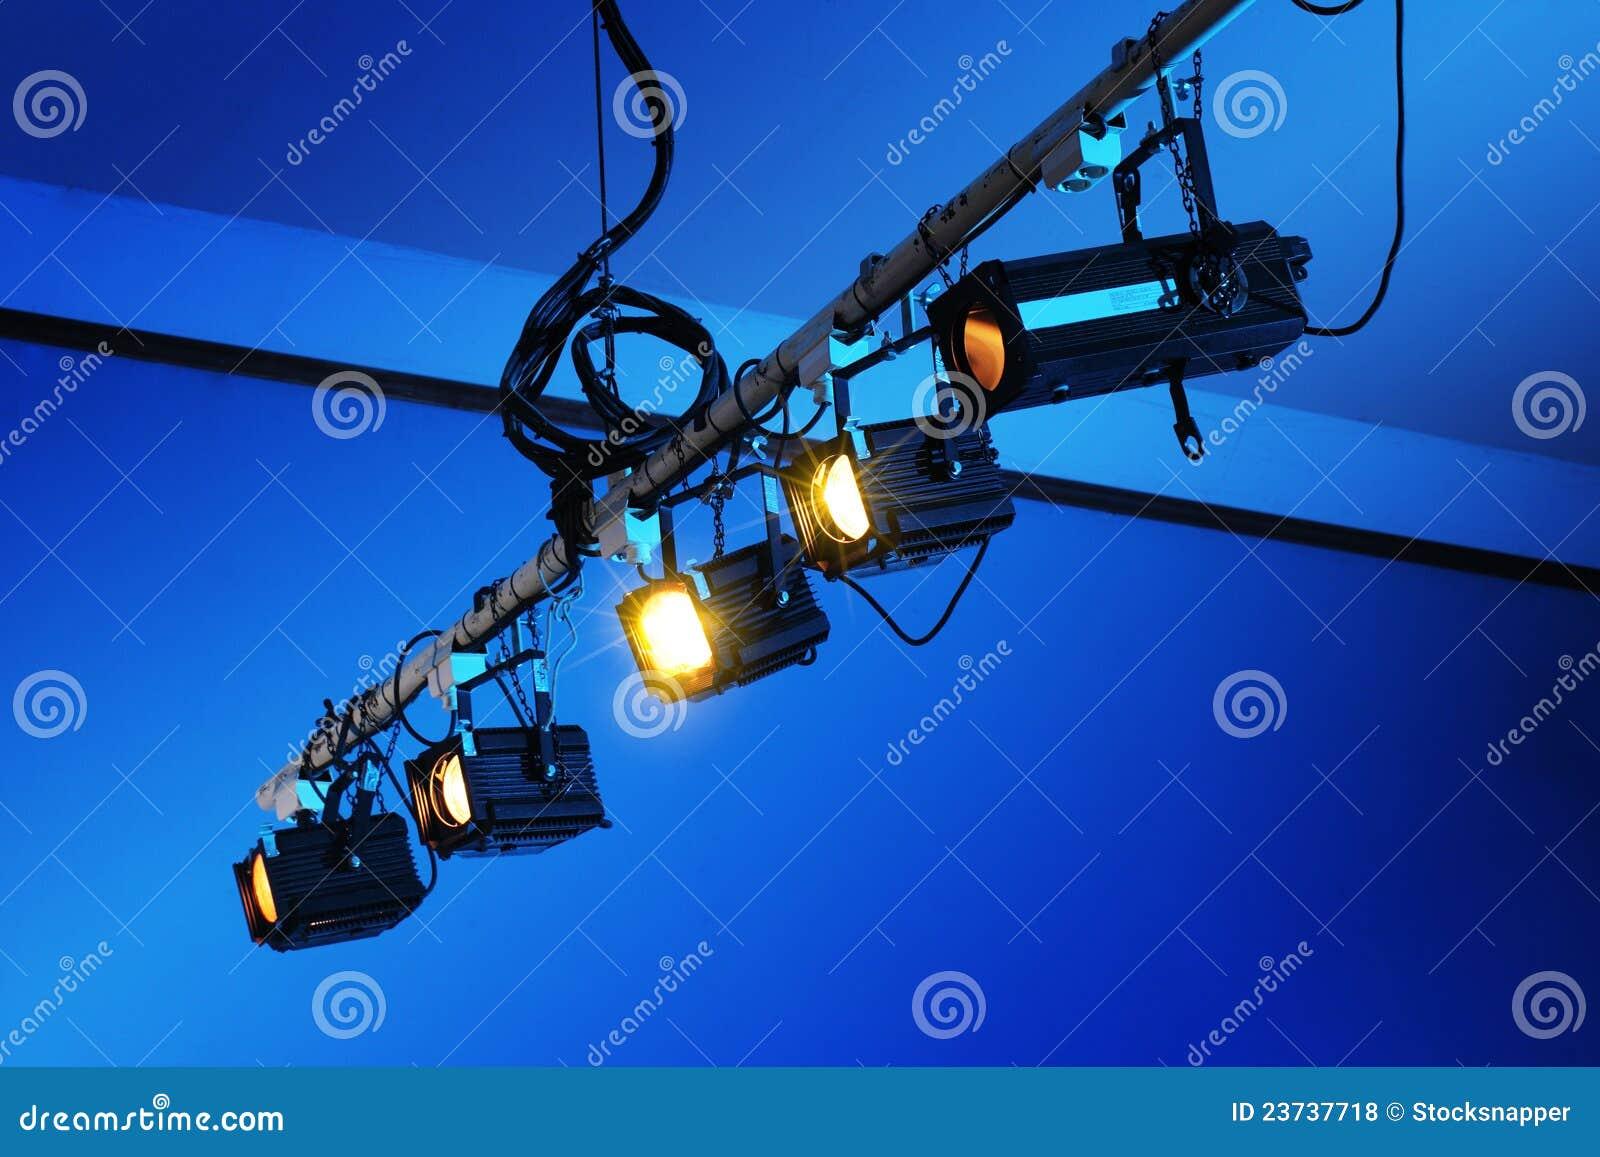 indoor portrait photography equipment U